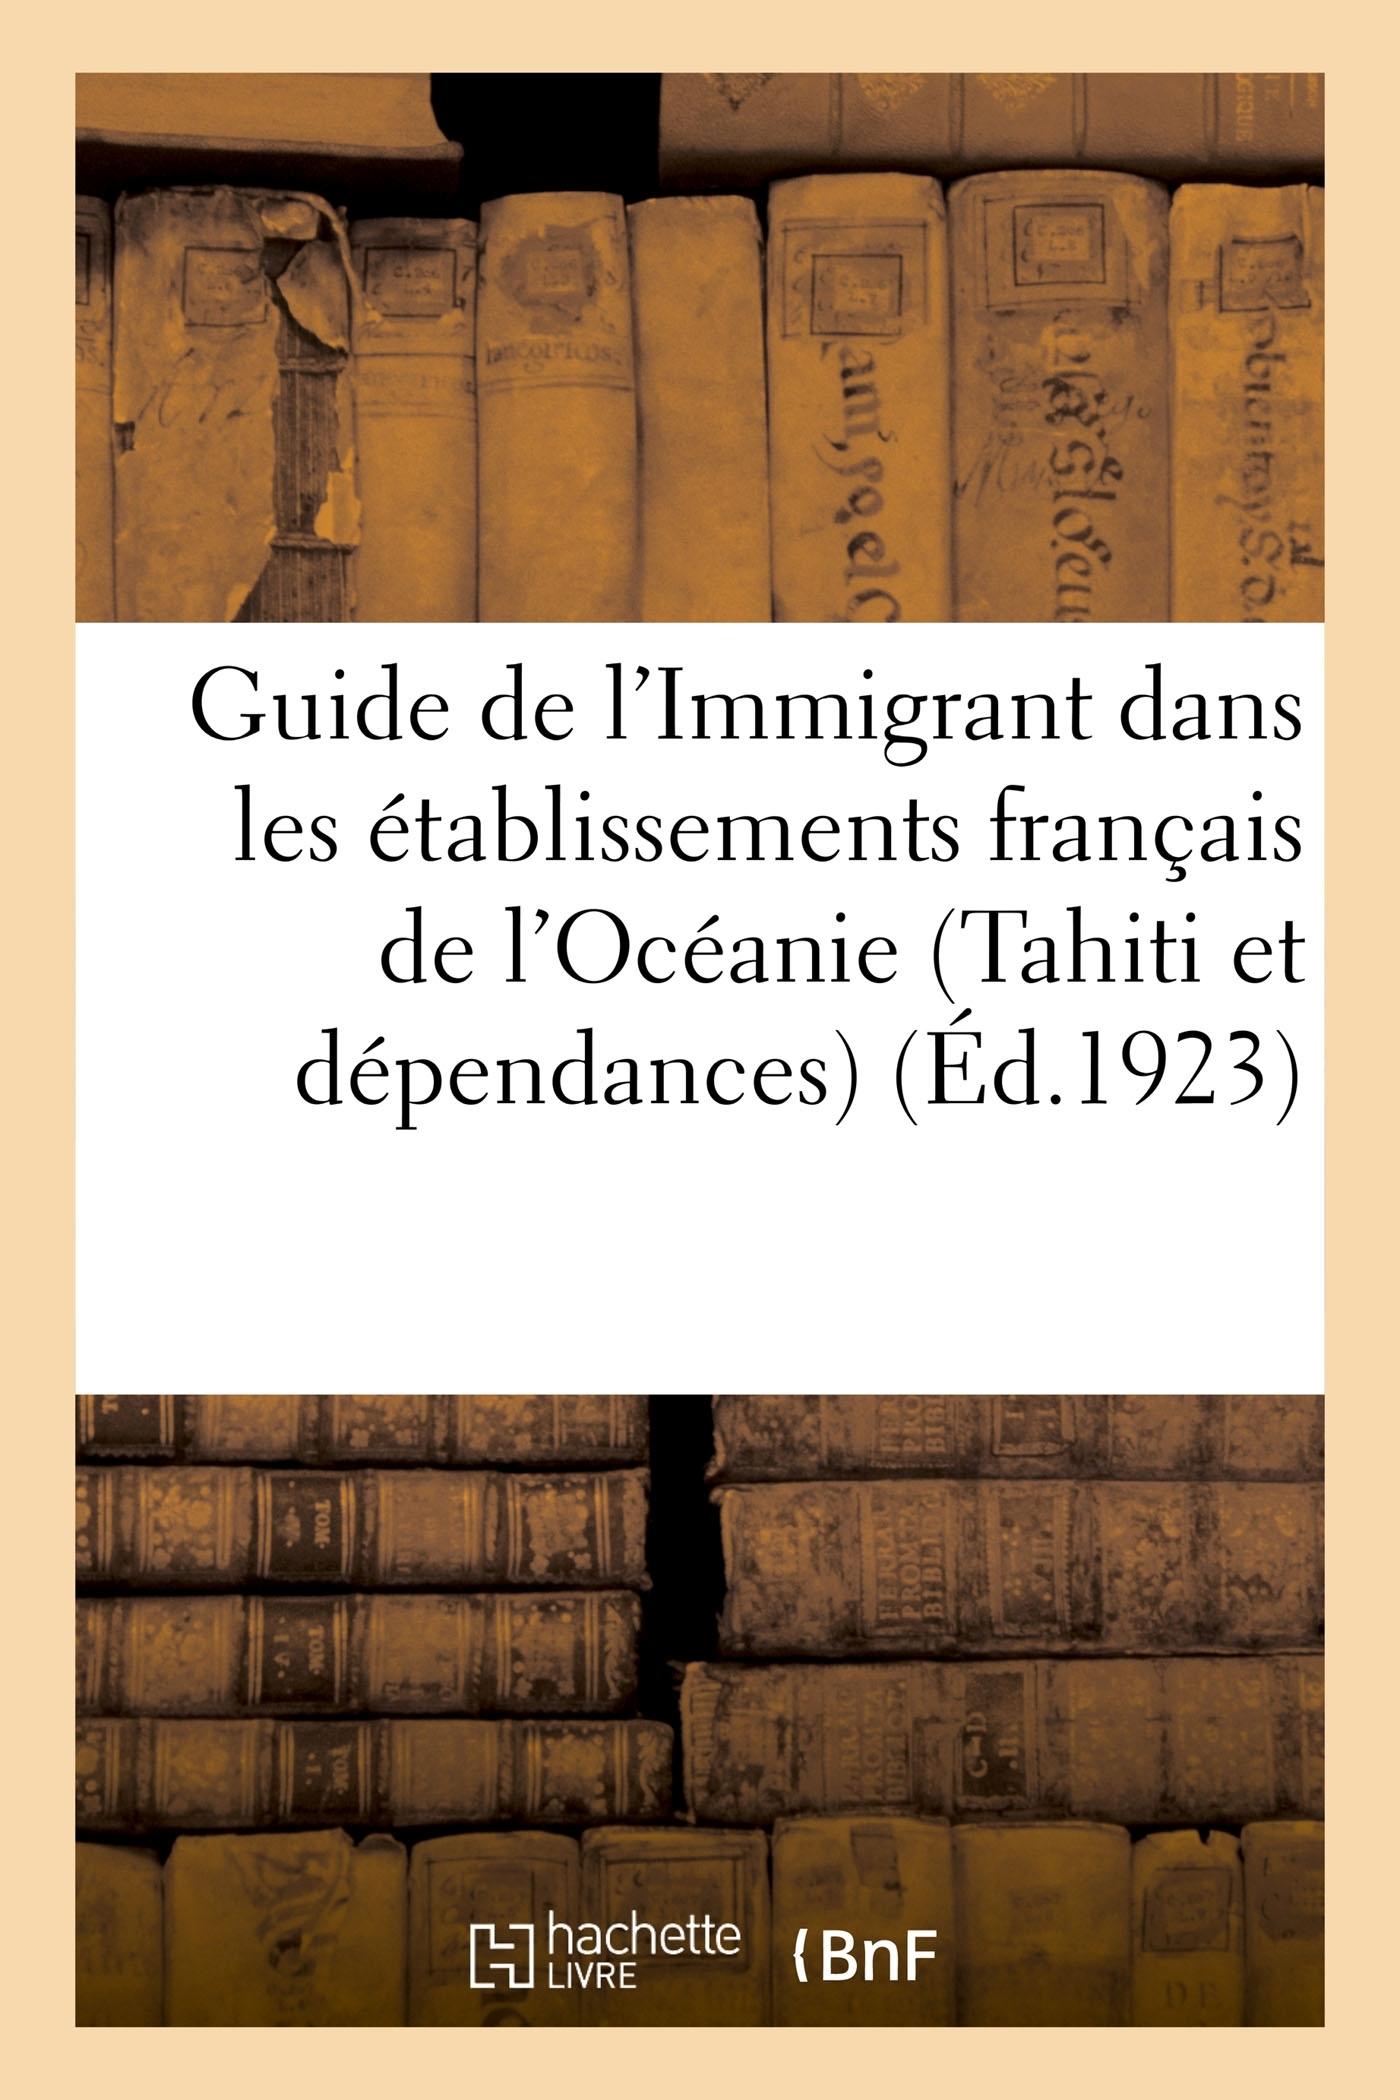 GUIDE DE L'IMMIGRANT DANS LES ETABLISSEMENTS FRANCAIS DE L'OCEANIE (TAHITI ET DEPENDANCES)